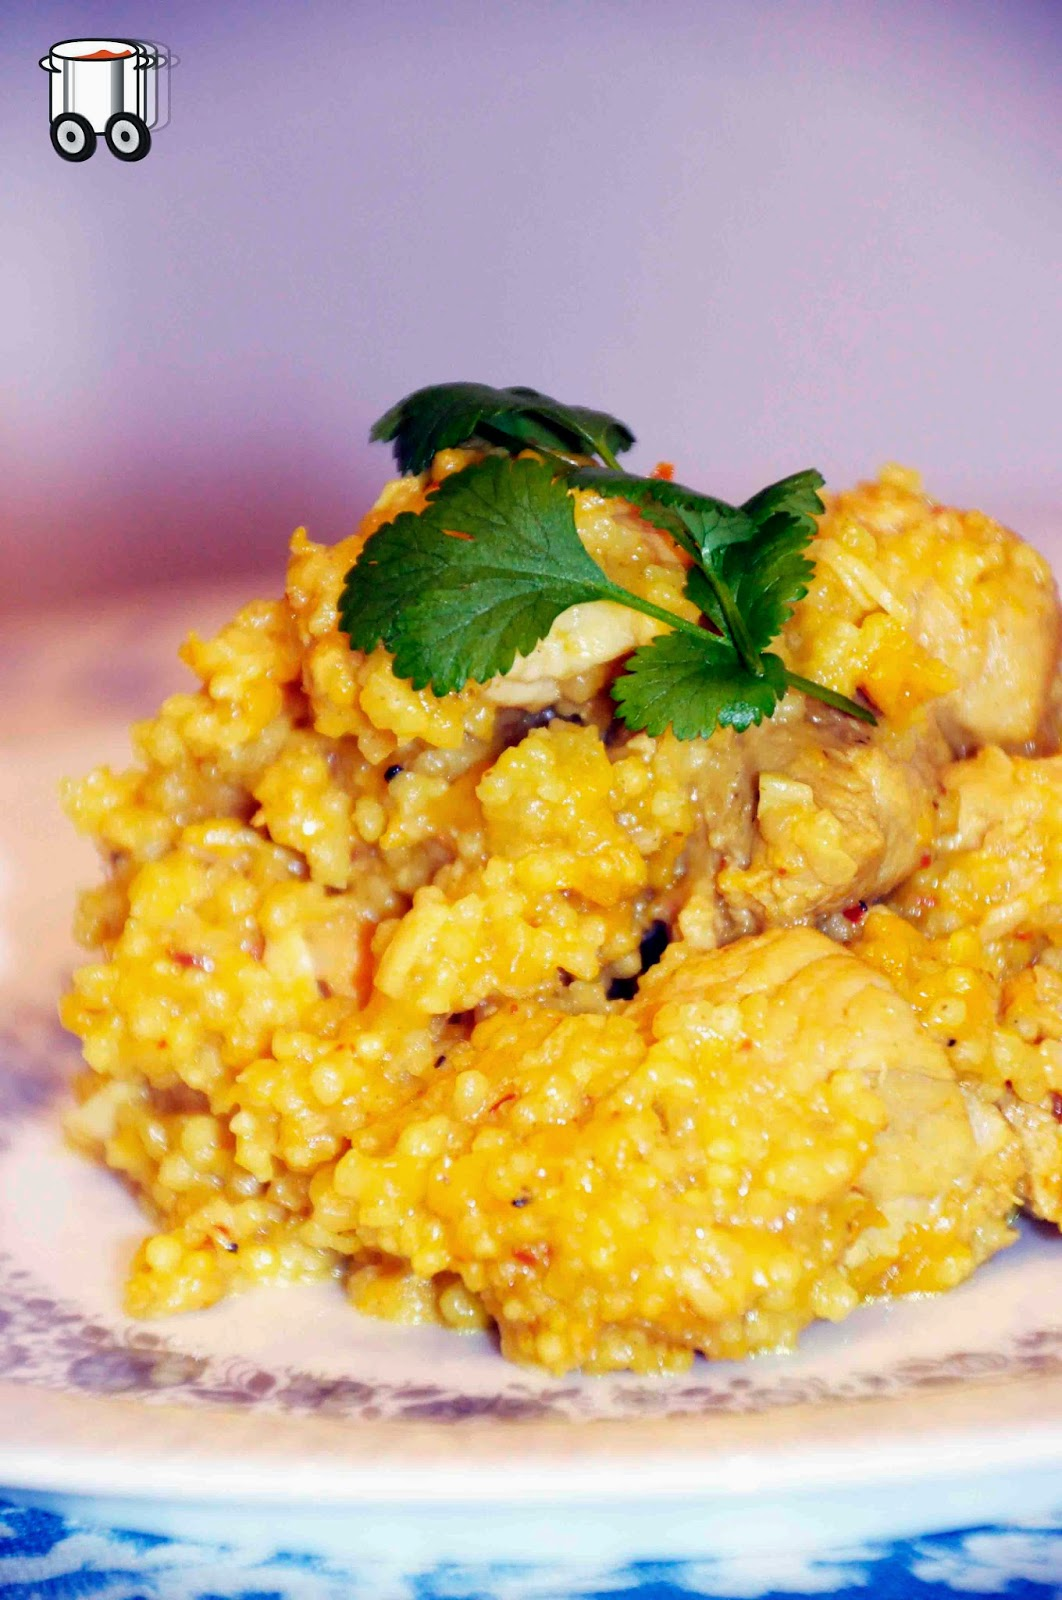 Szybko Tanio Smacznie - Kurczak z brzoskwiniami w sosie curry